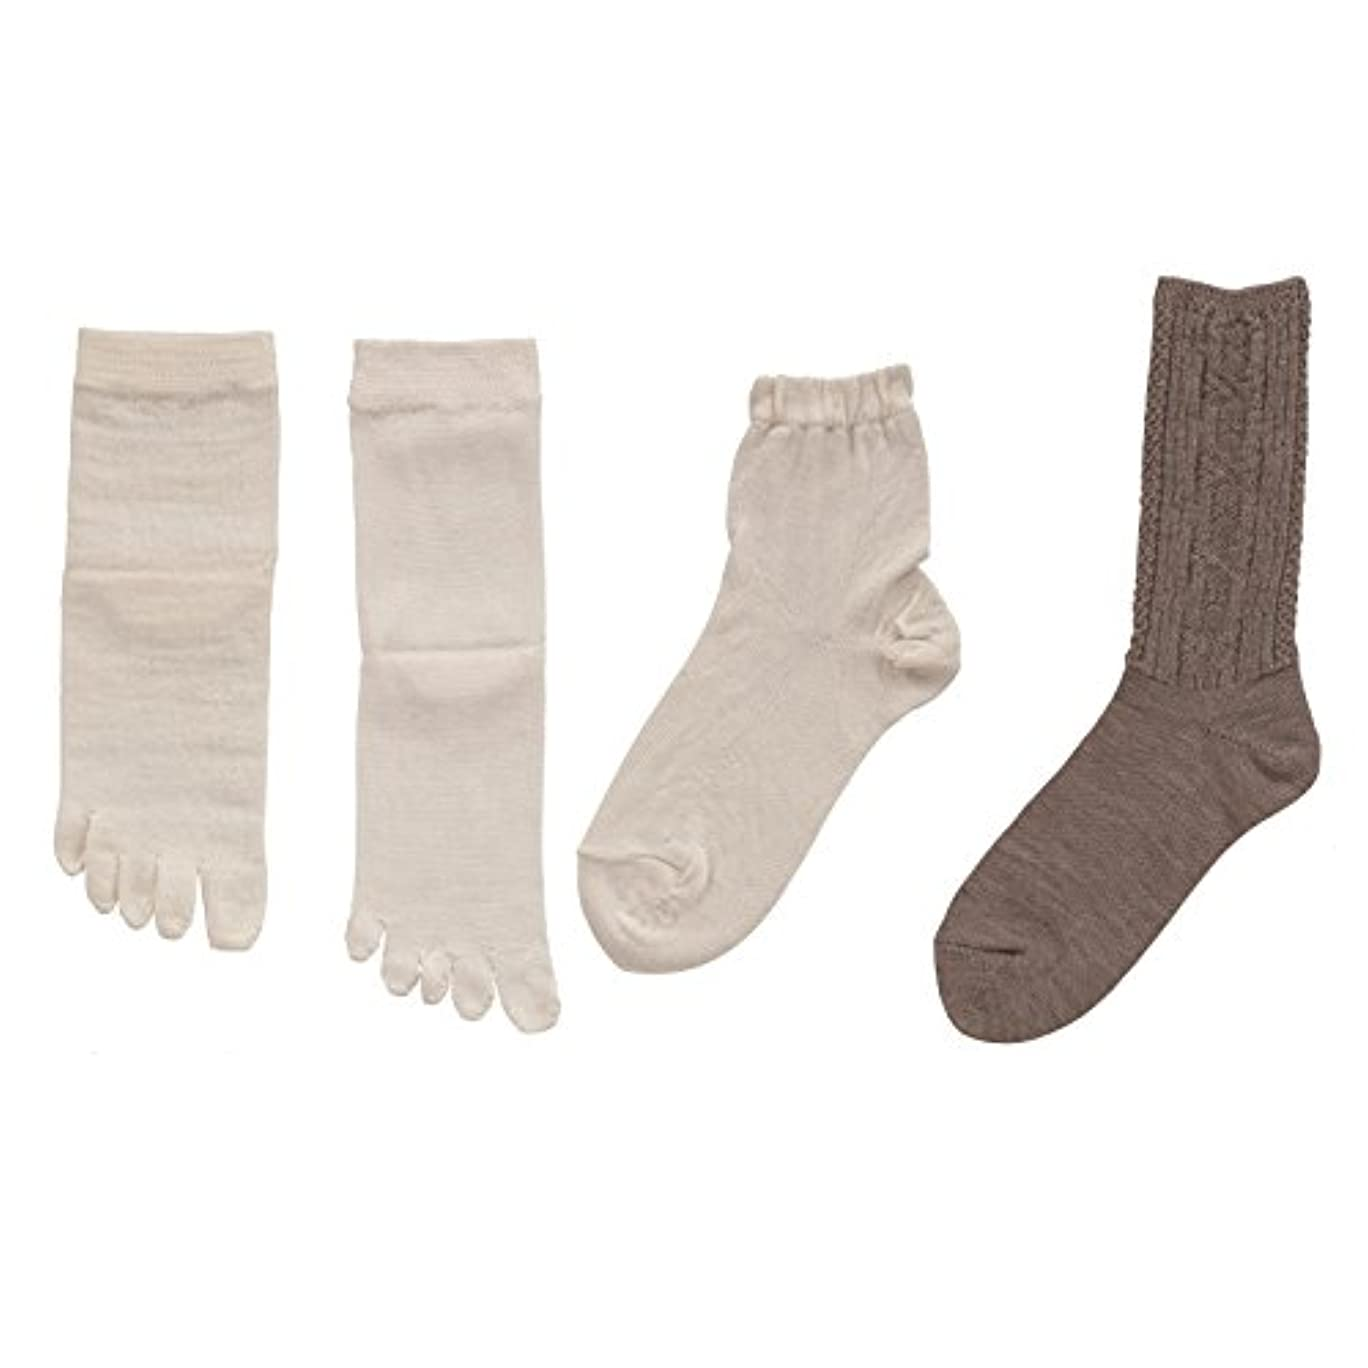 母性スーパーマーケット天文学砂山靴下 TUMUGI 絹と毛の4枚重ね履き靴下 グレー